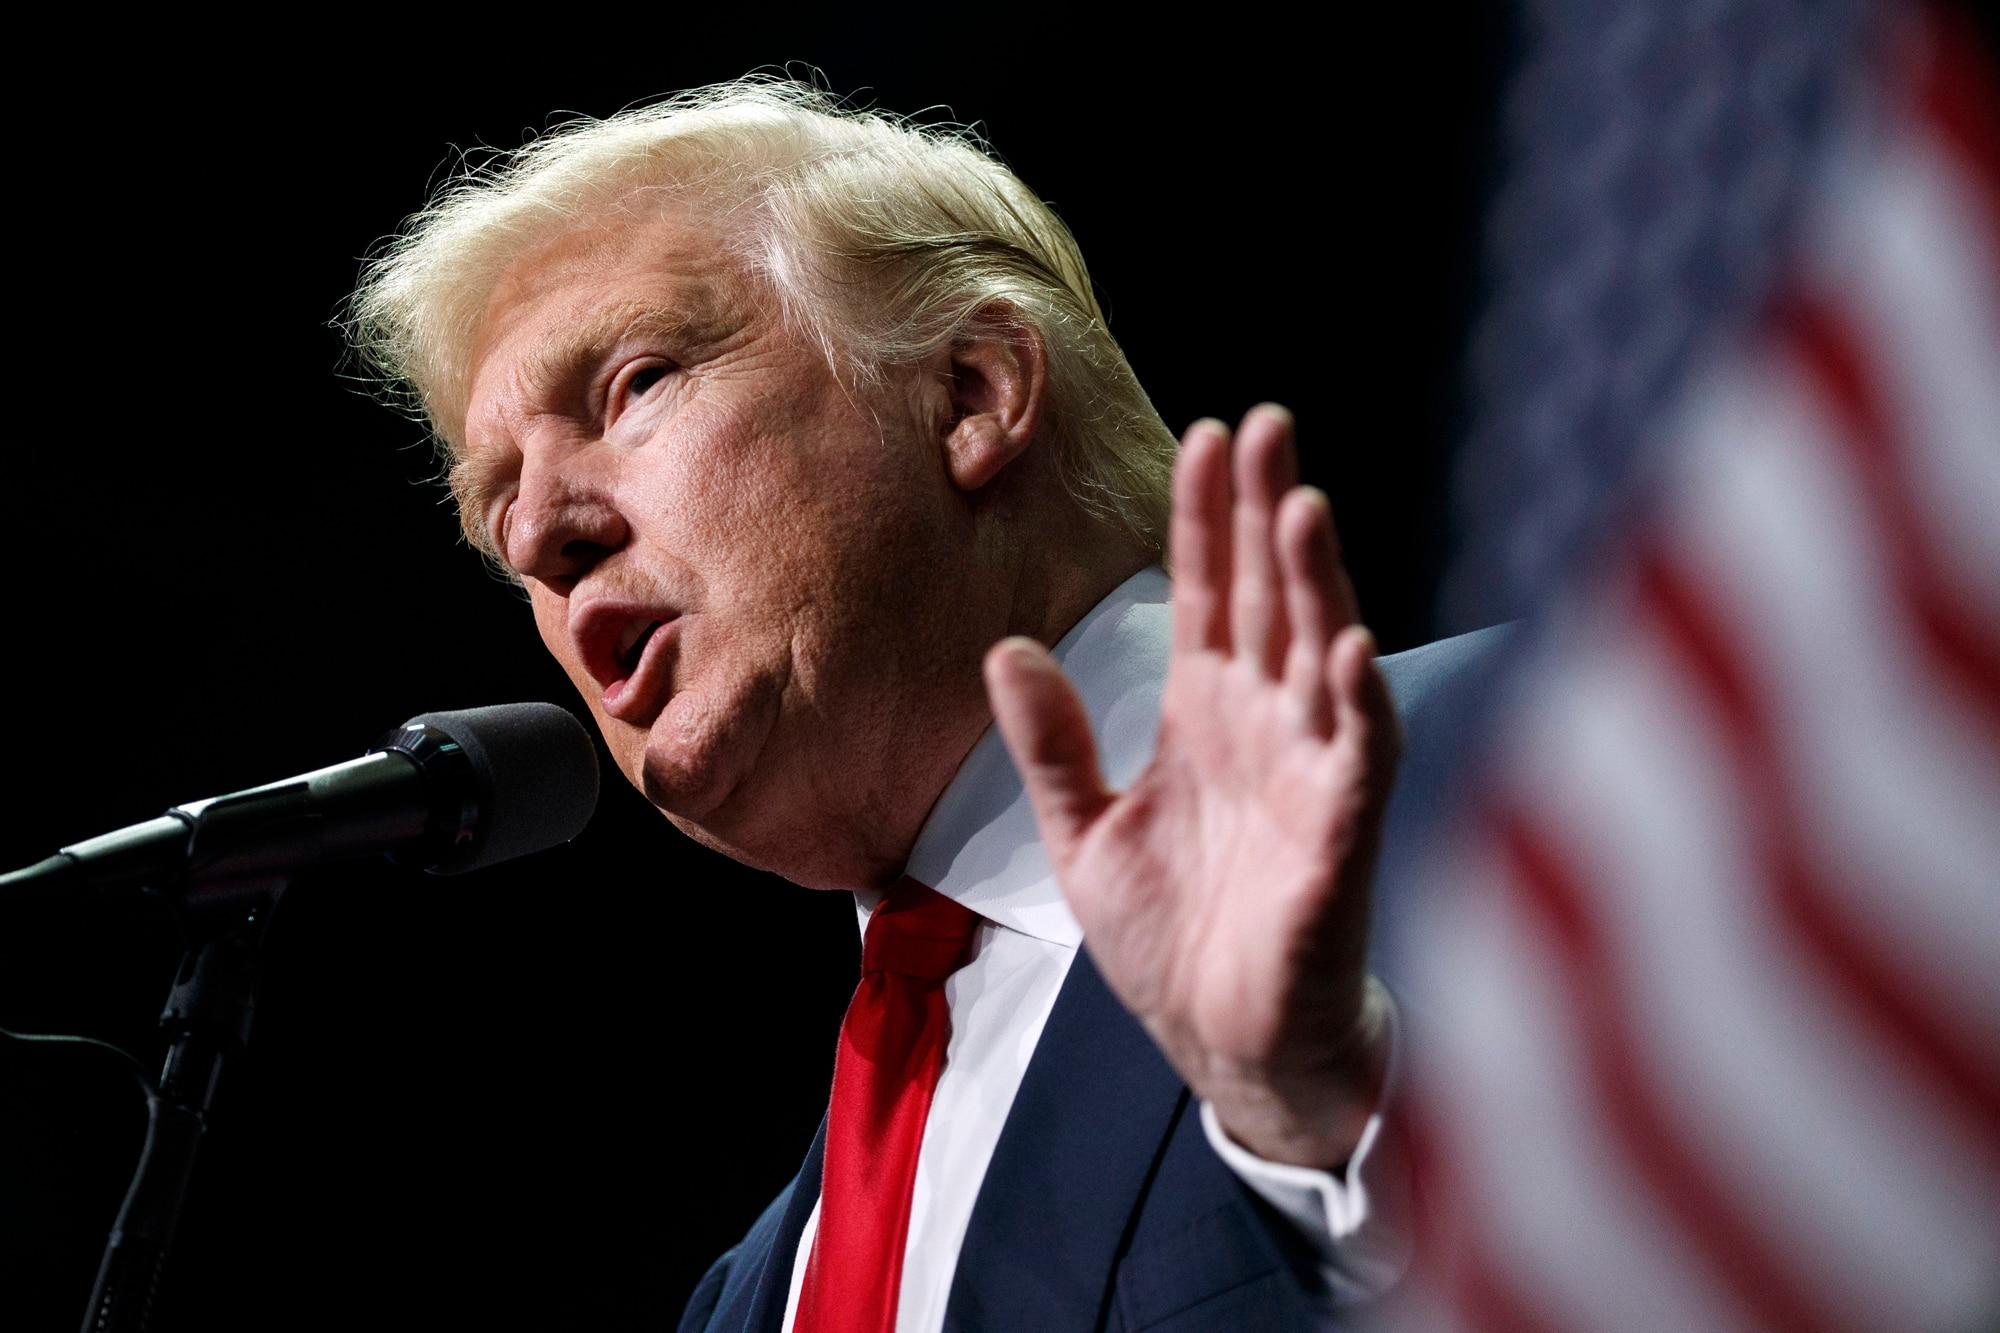 Donald Trump speaks in Hershey, Pa., on Nov. 4, 2016